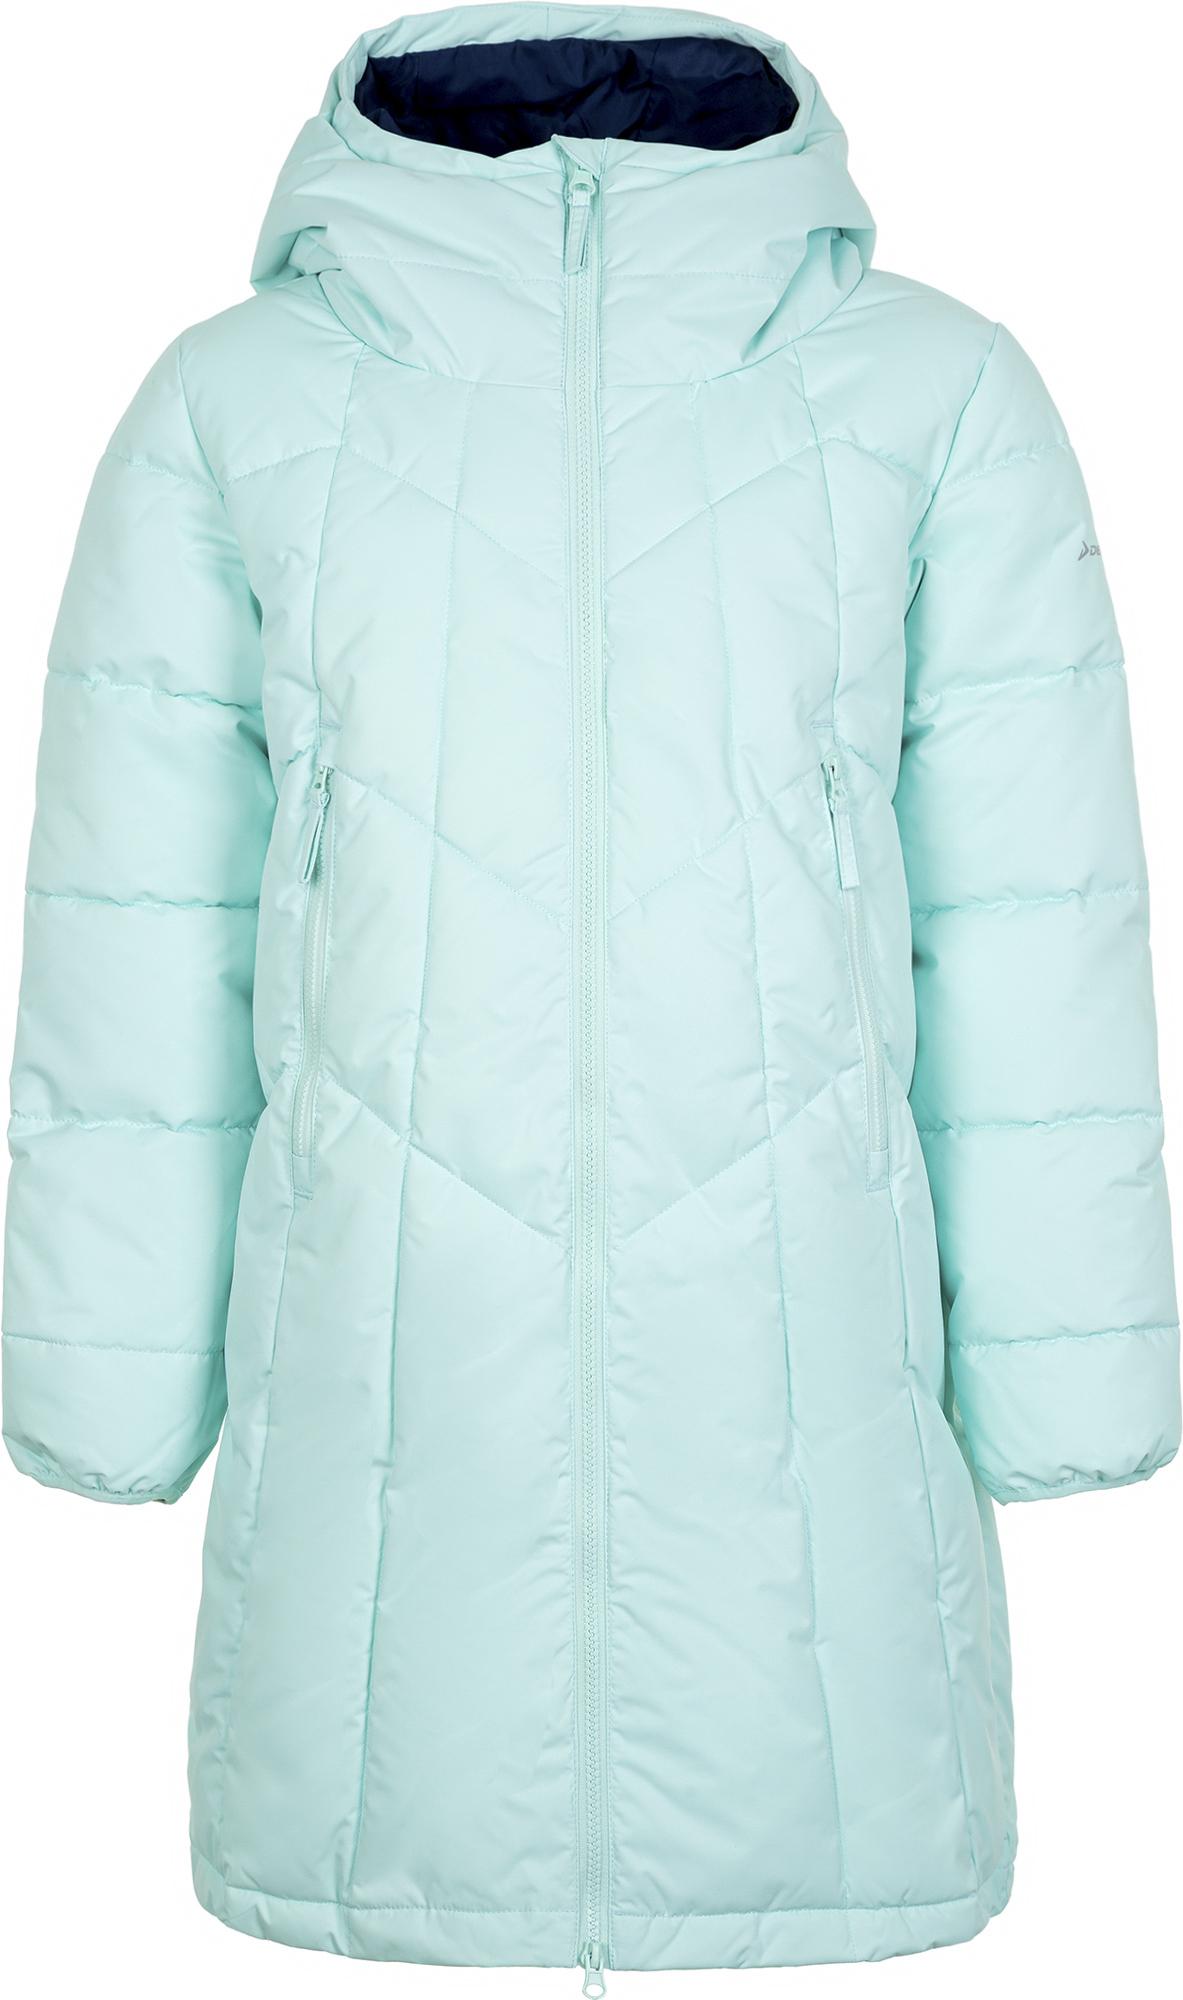 Demix Куртка пуховая для девочек Demix, размер 164